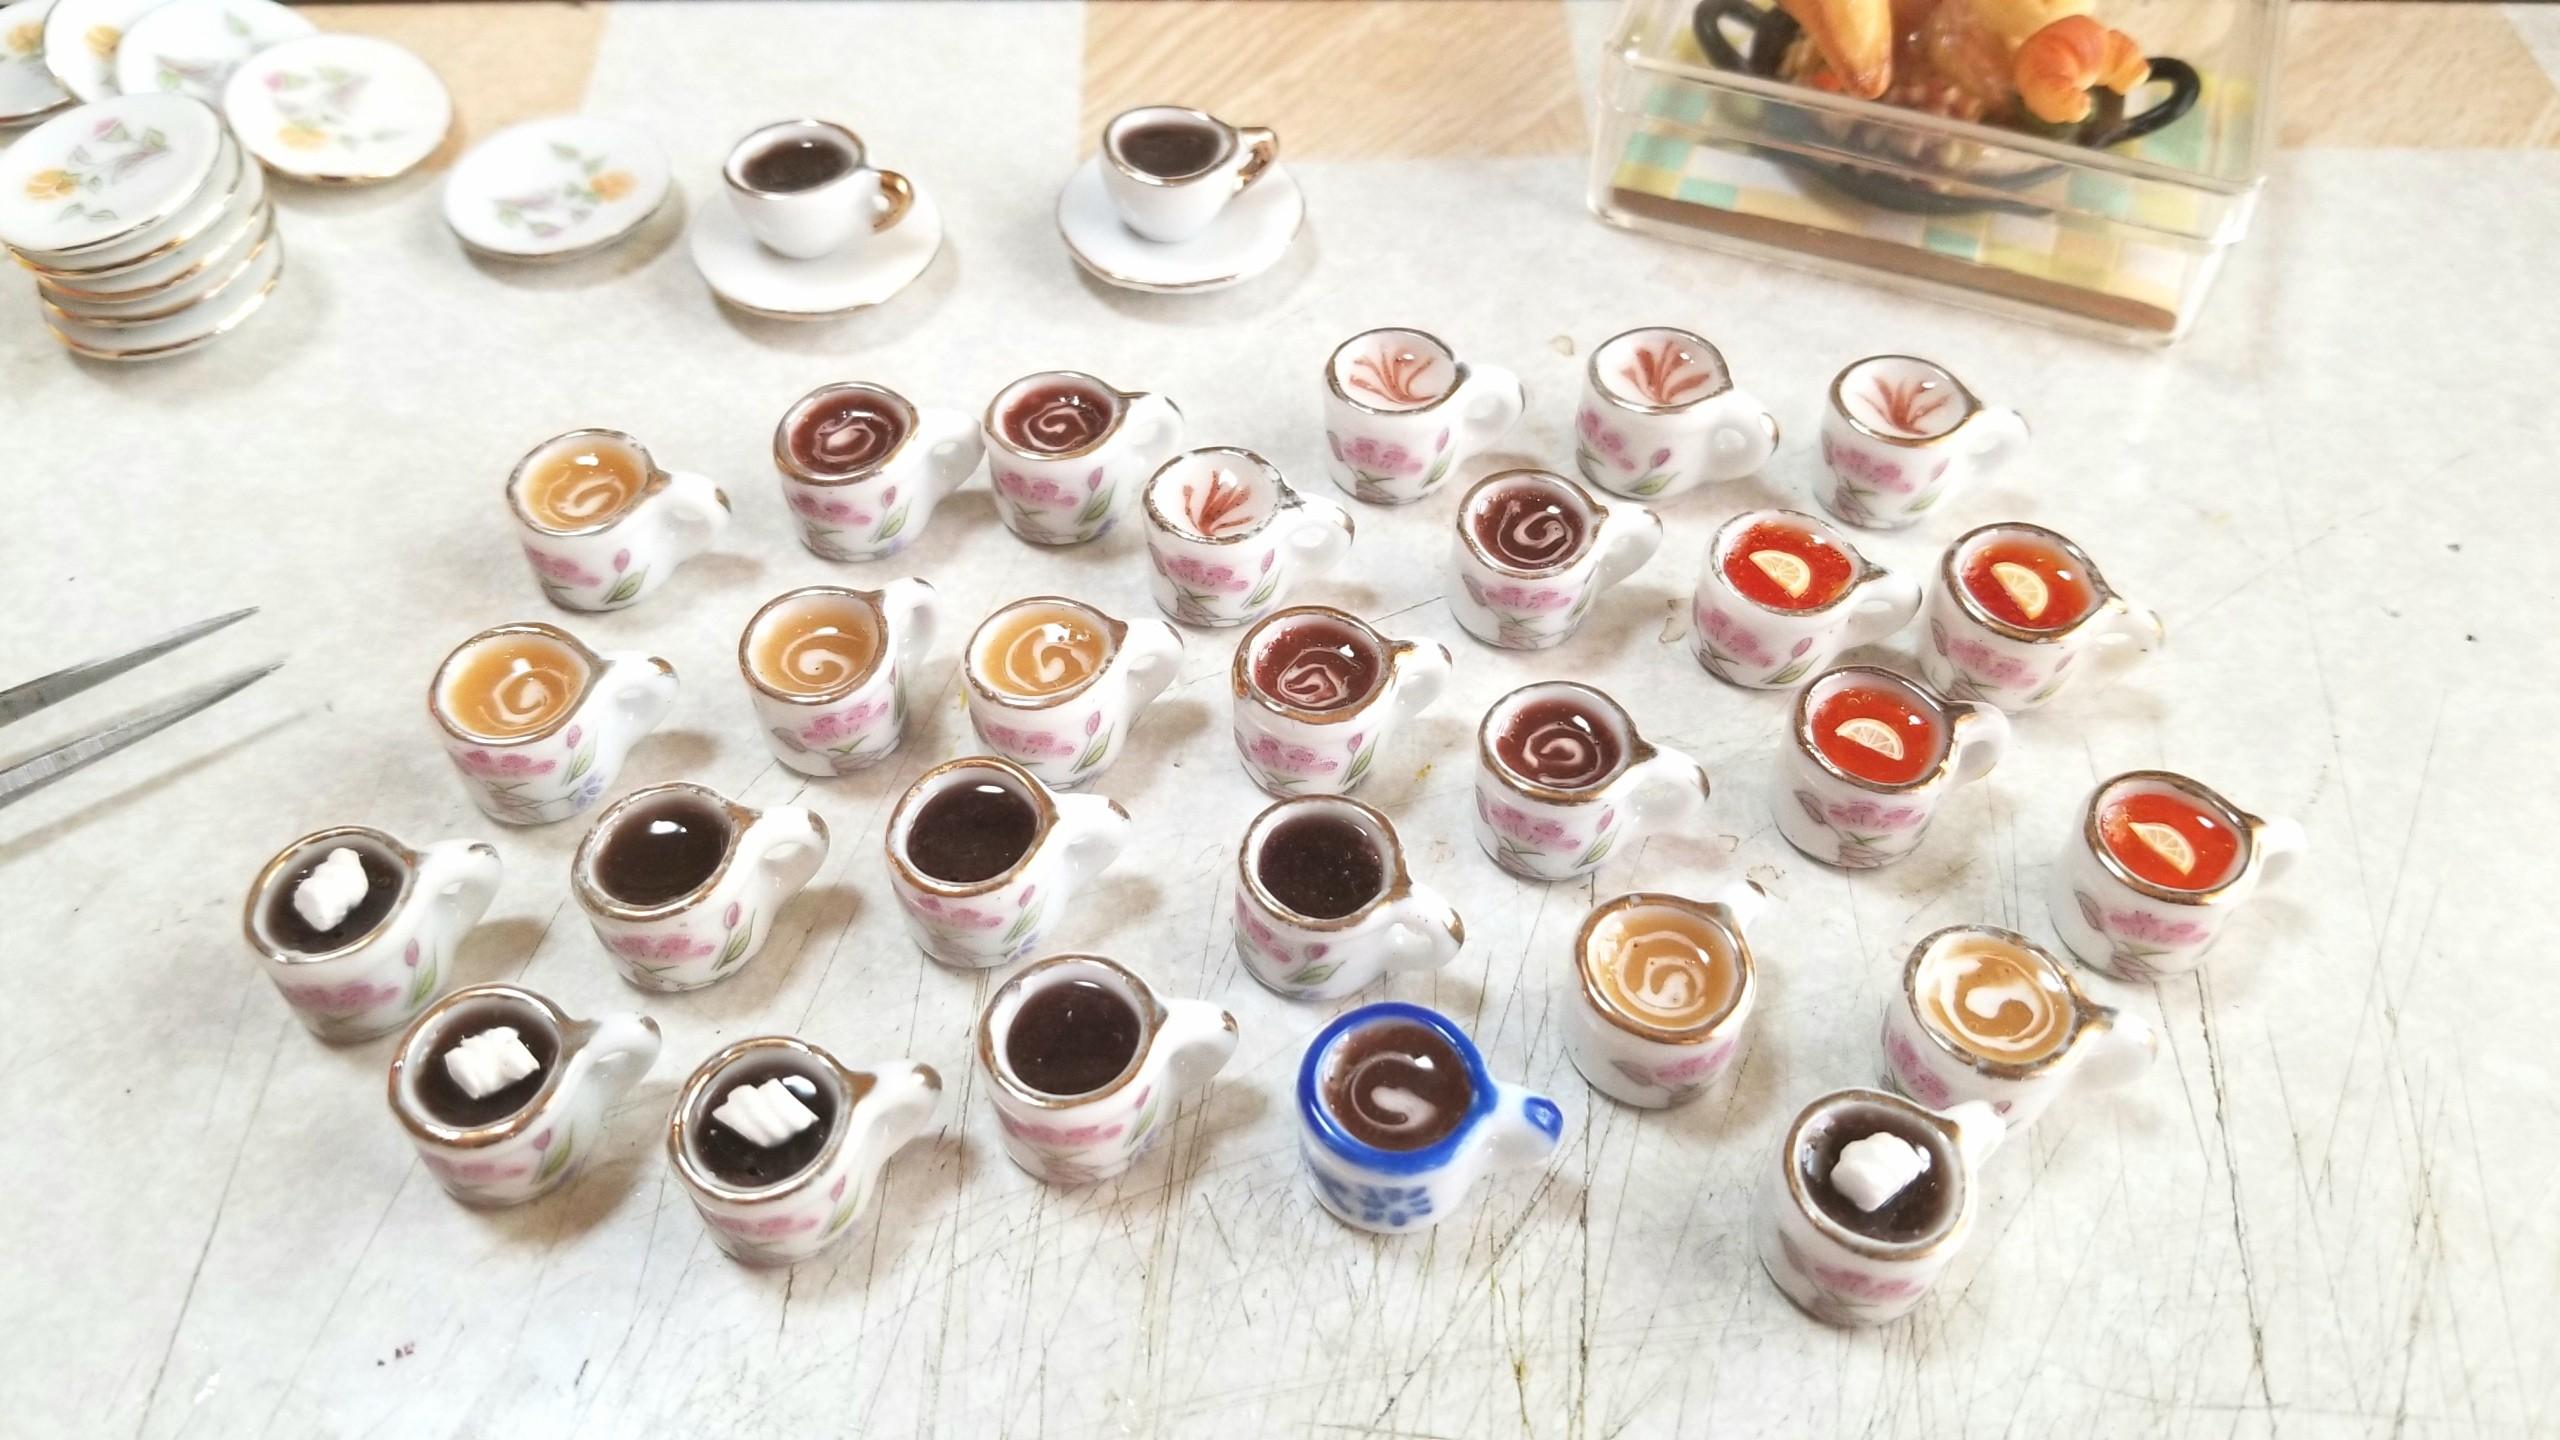 ミニチュア,陶器のティーカップ,レモン,ミルクティー,ココア,ラテ